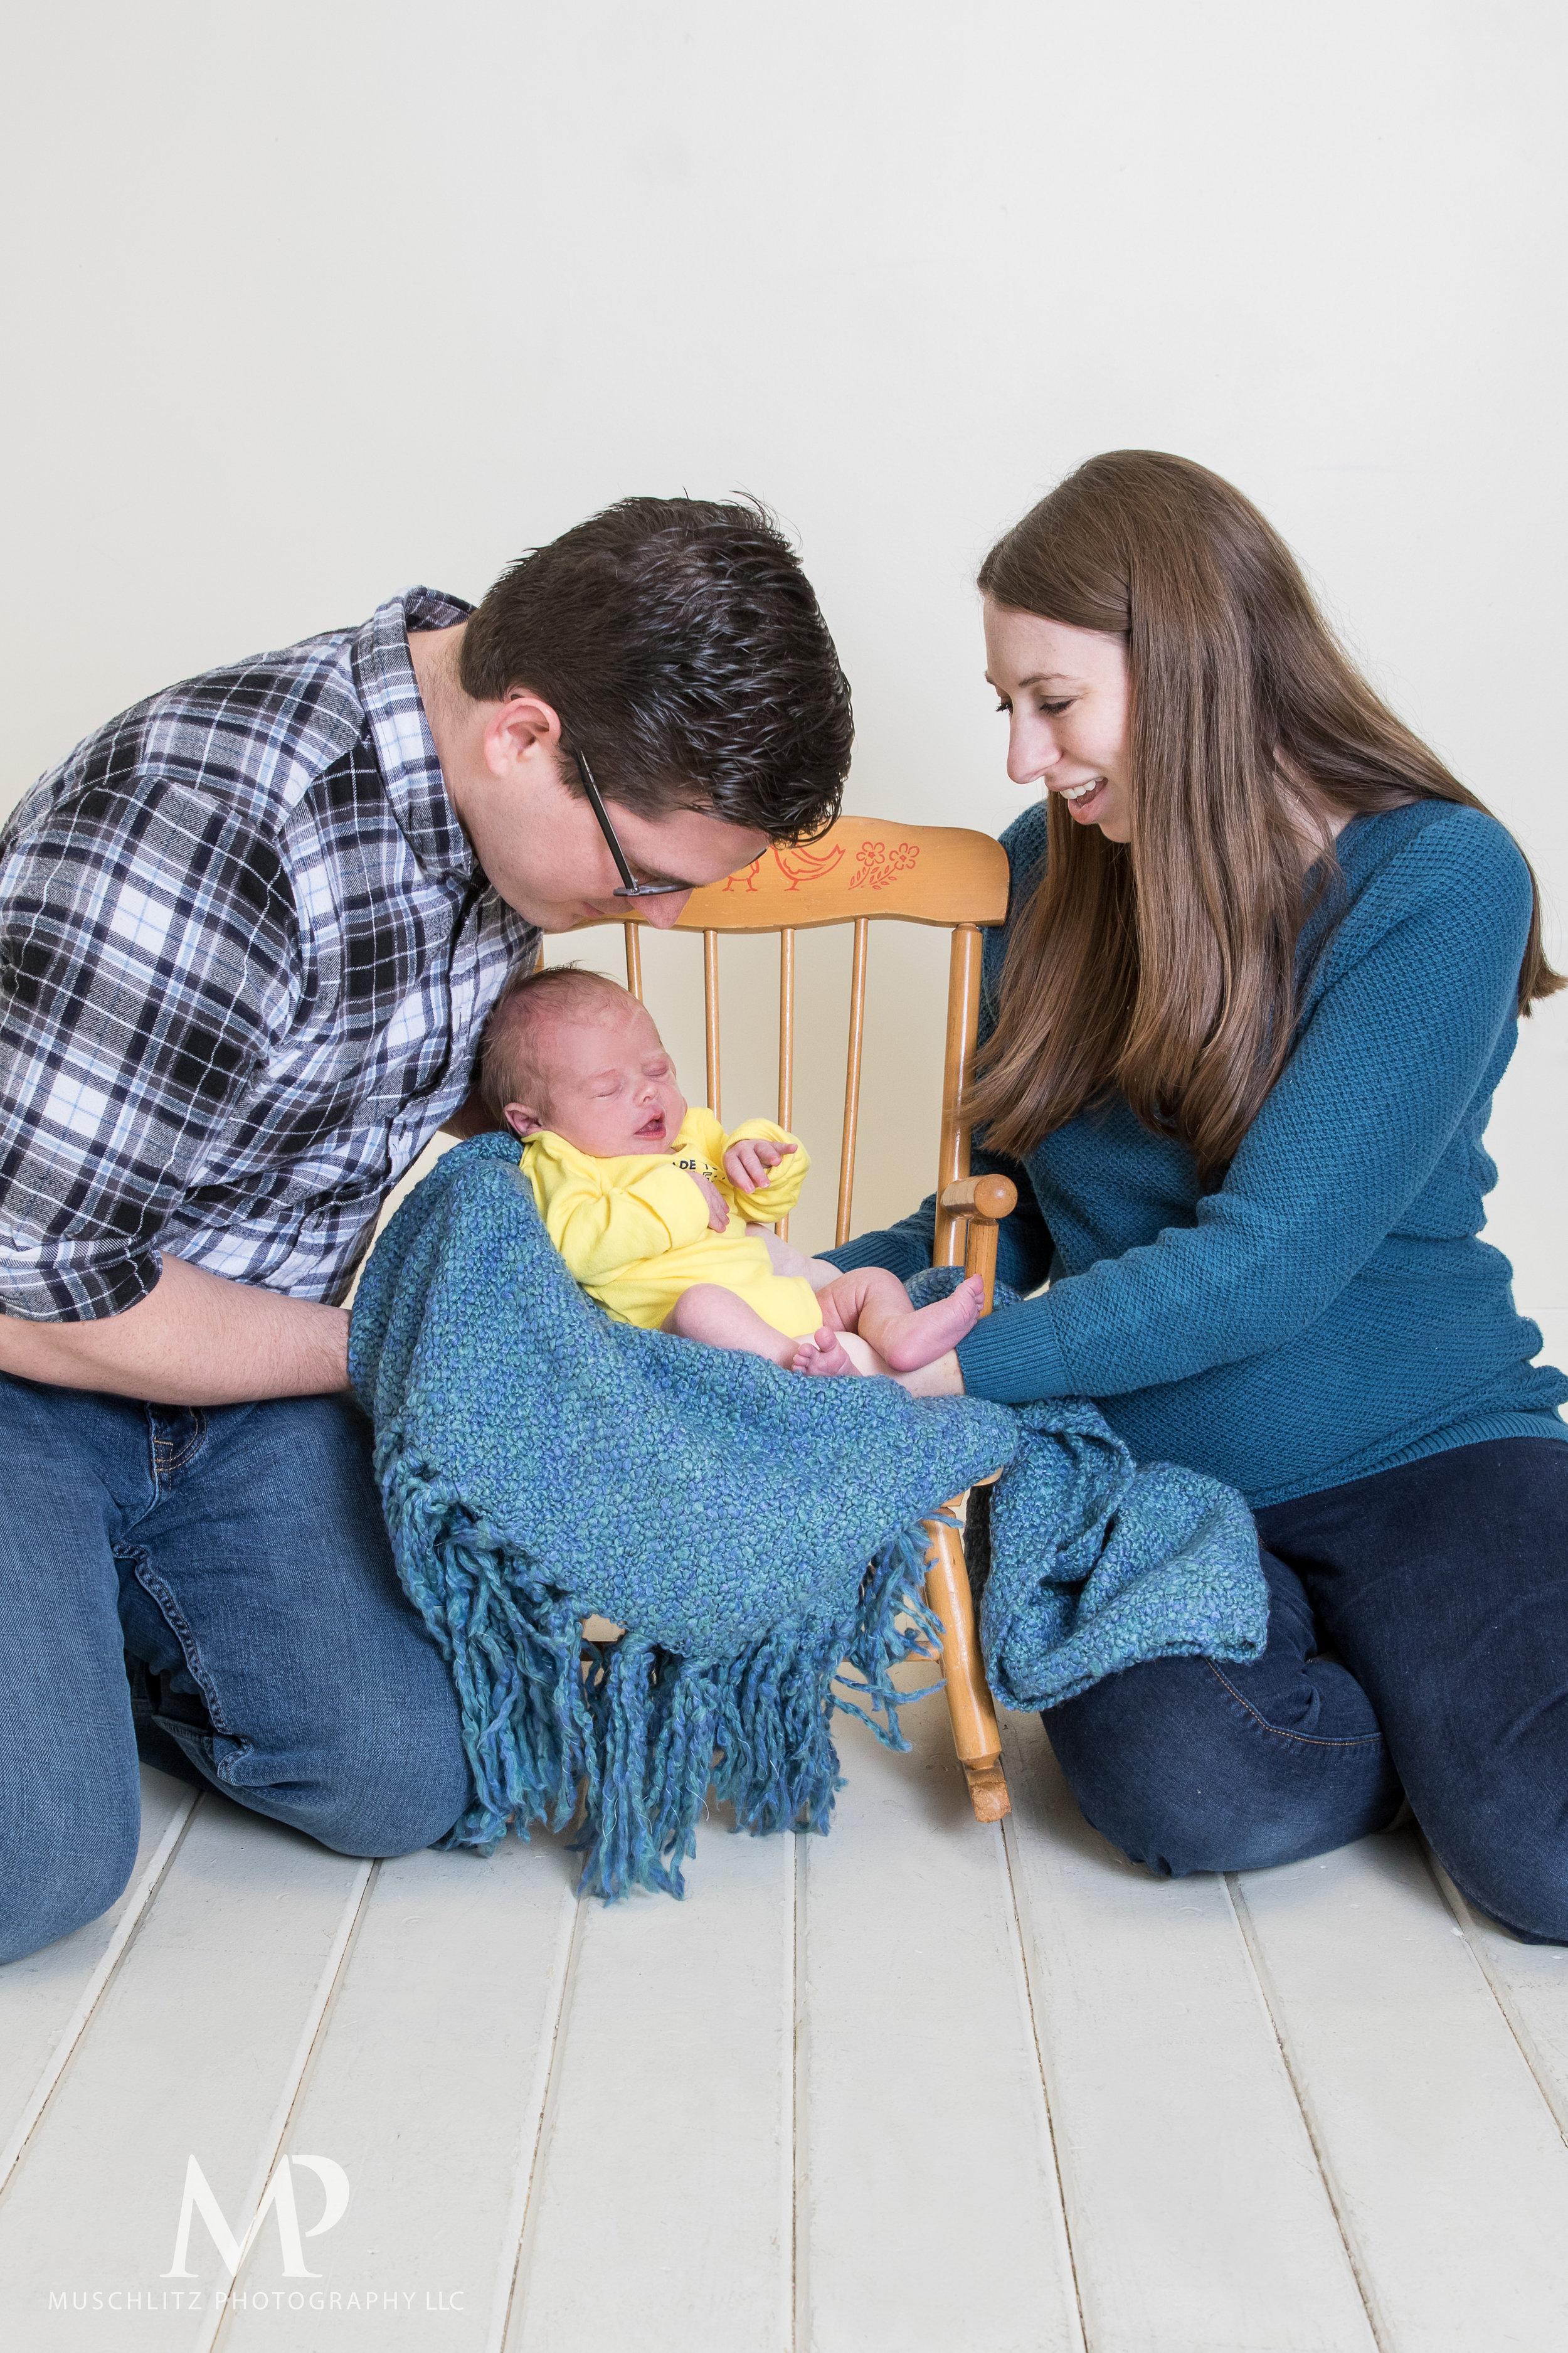 newborn-baby-photographer-columbus-ohio-gahanna-muschlitz-photography-013.JPG